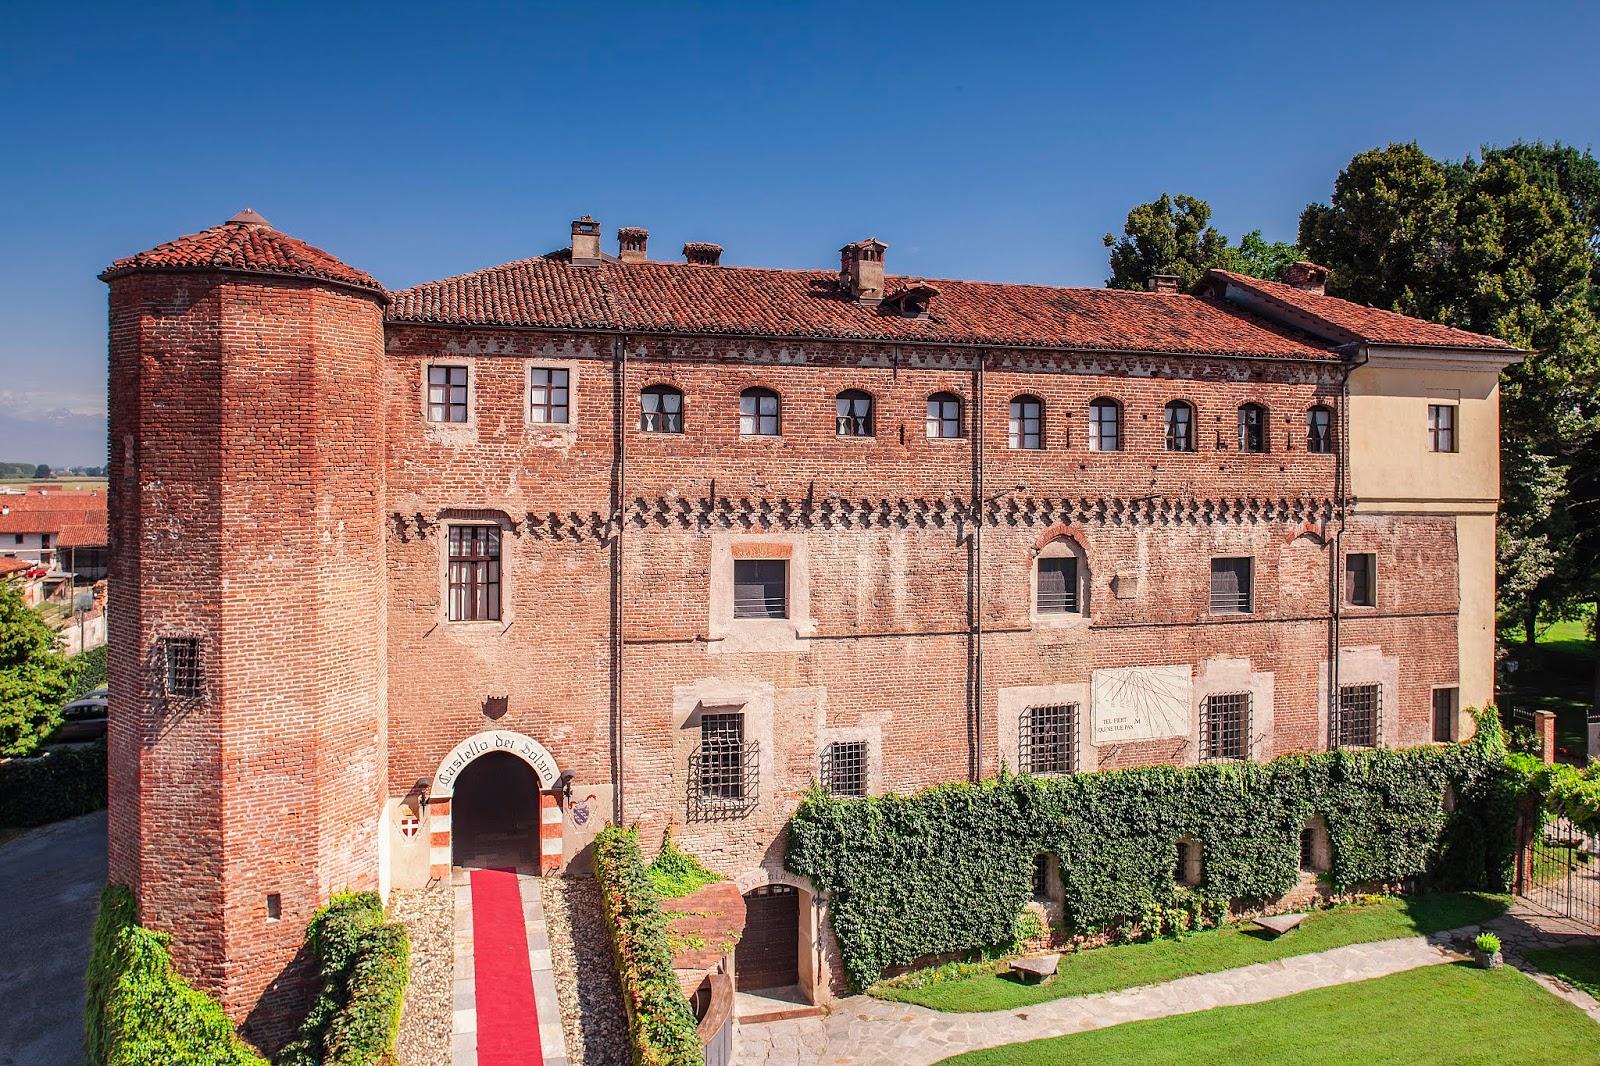 Castello dei Solaro, location matrimoni in esclusiva in Piemonte